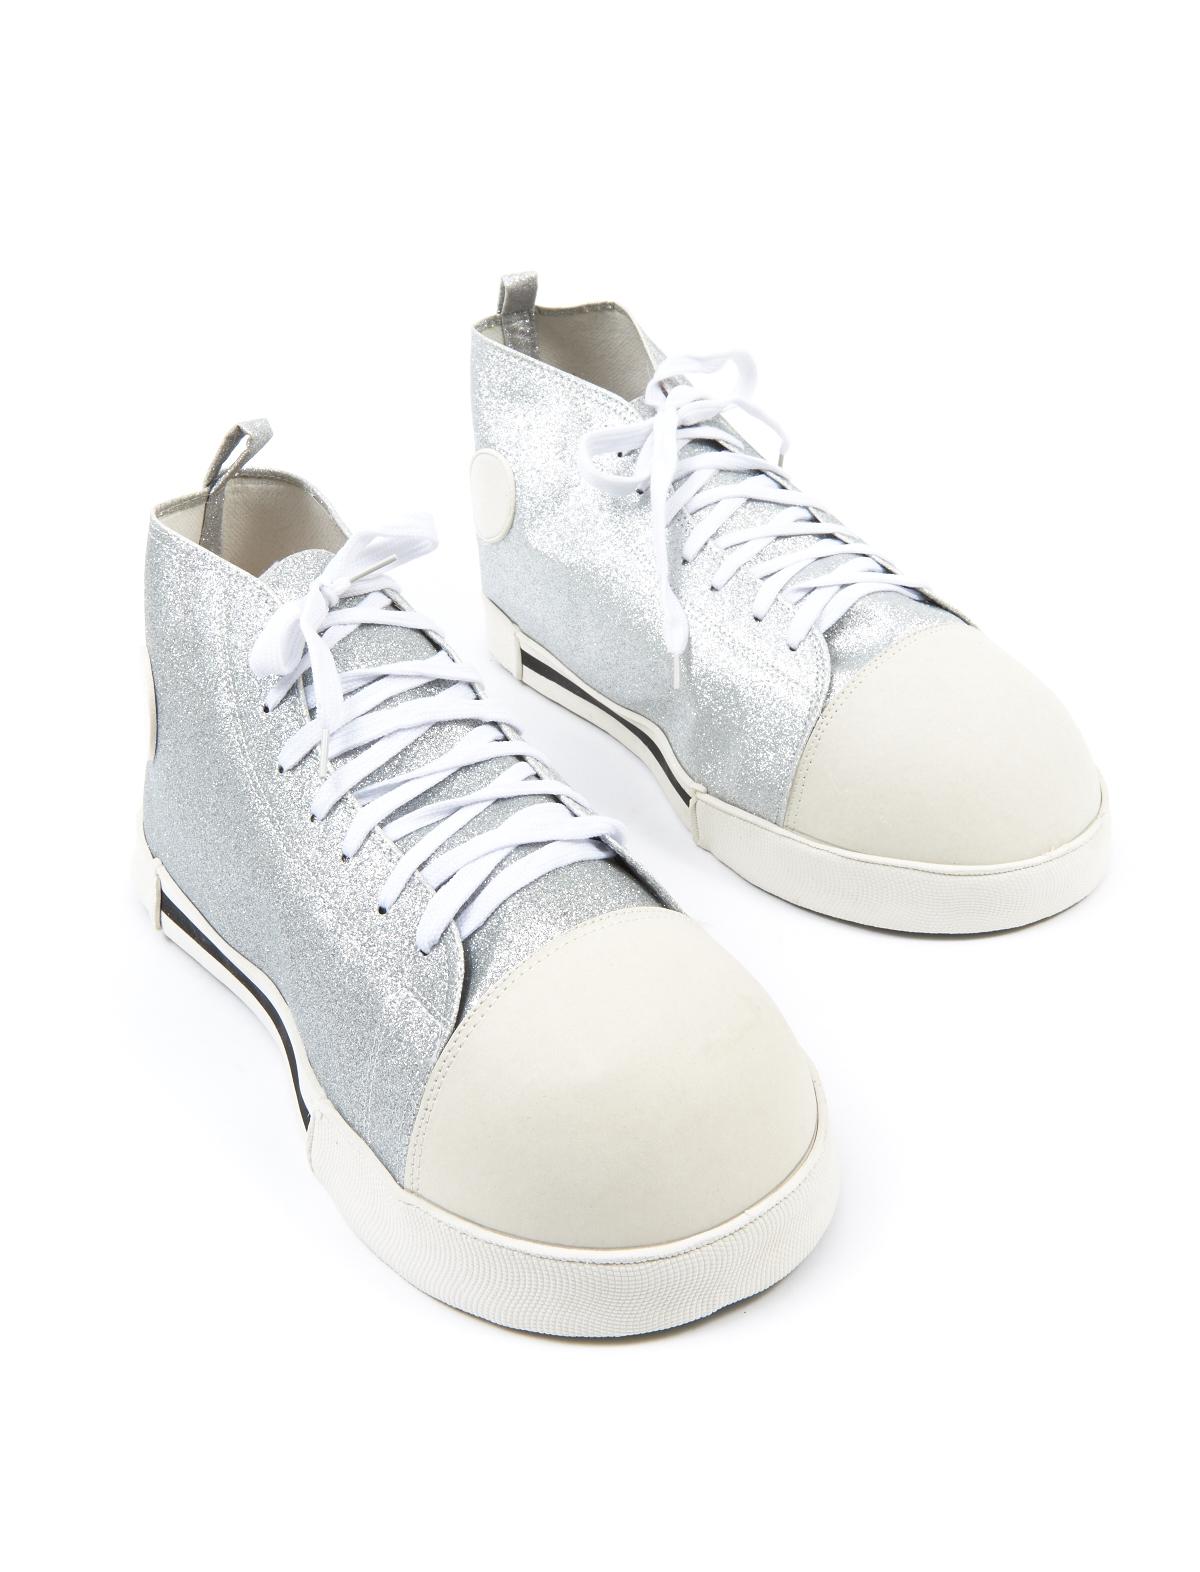 Schuhe Fips silber